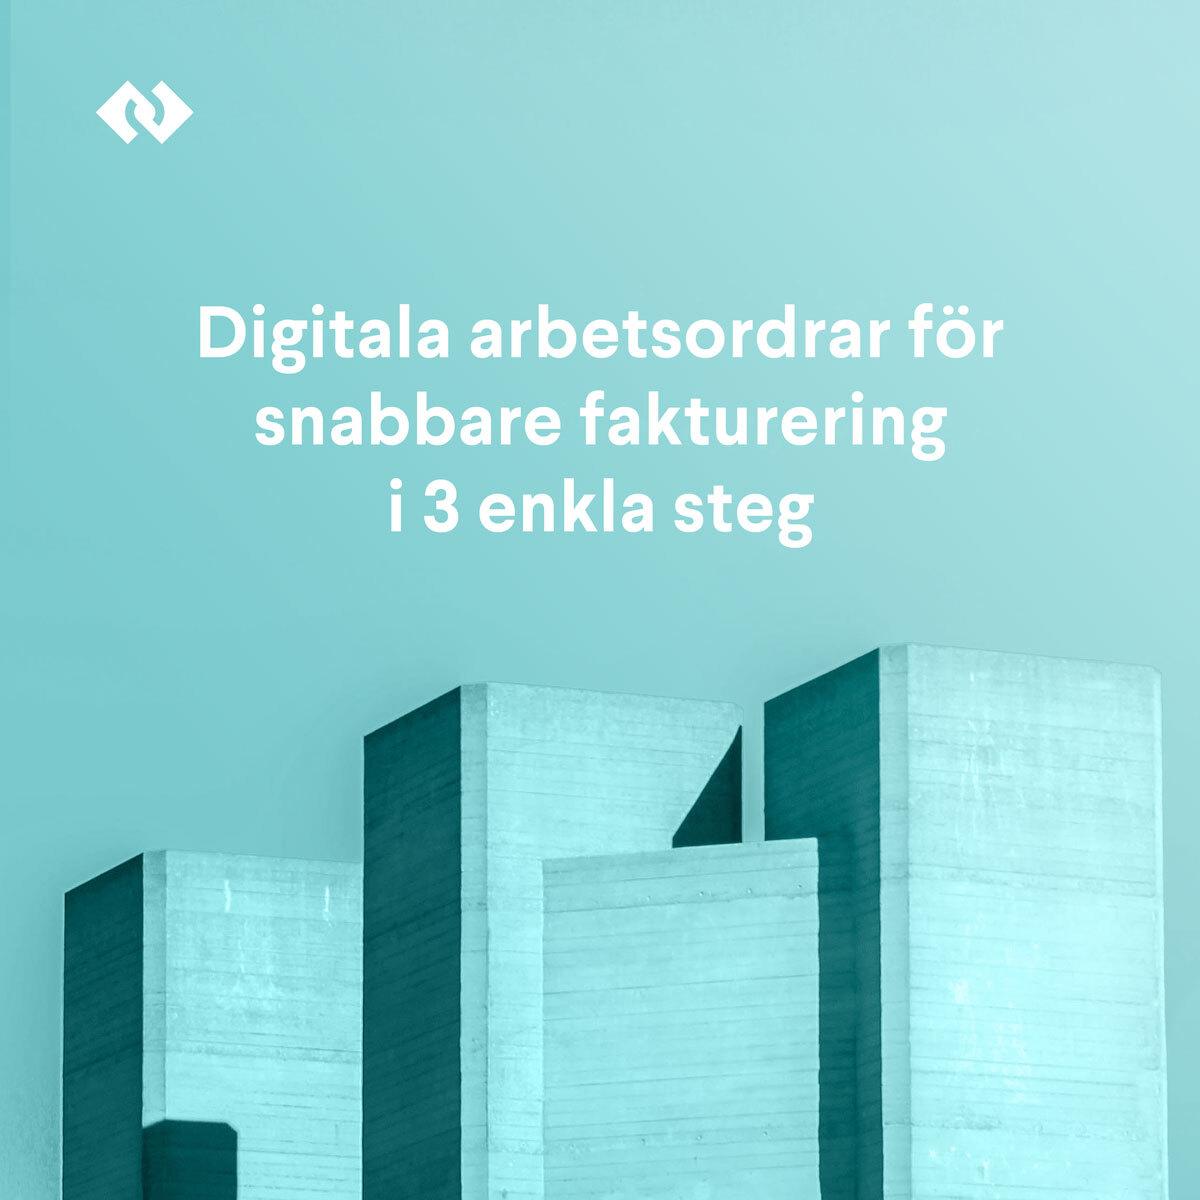 Digitala arbetsordrar för snabbare fakturering i 3 enkla steg